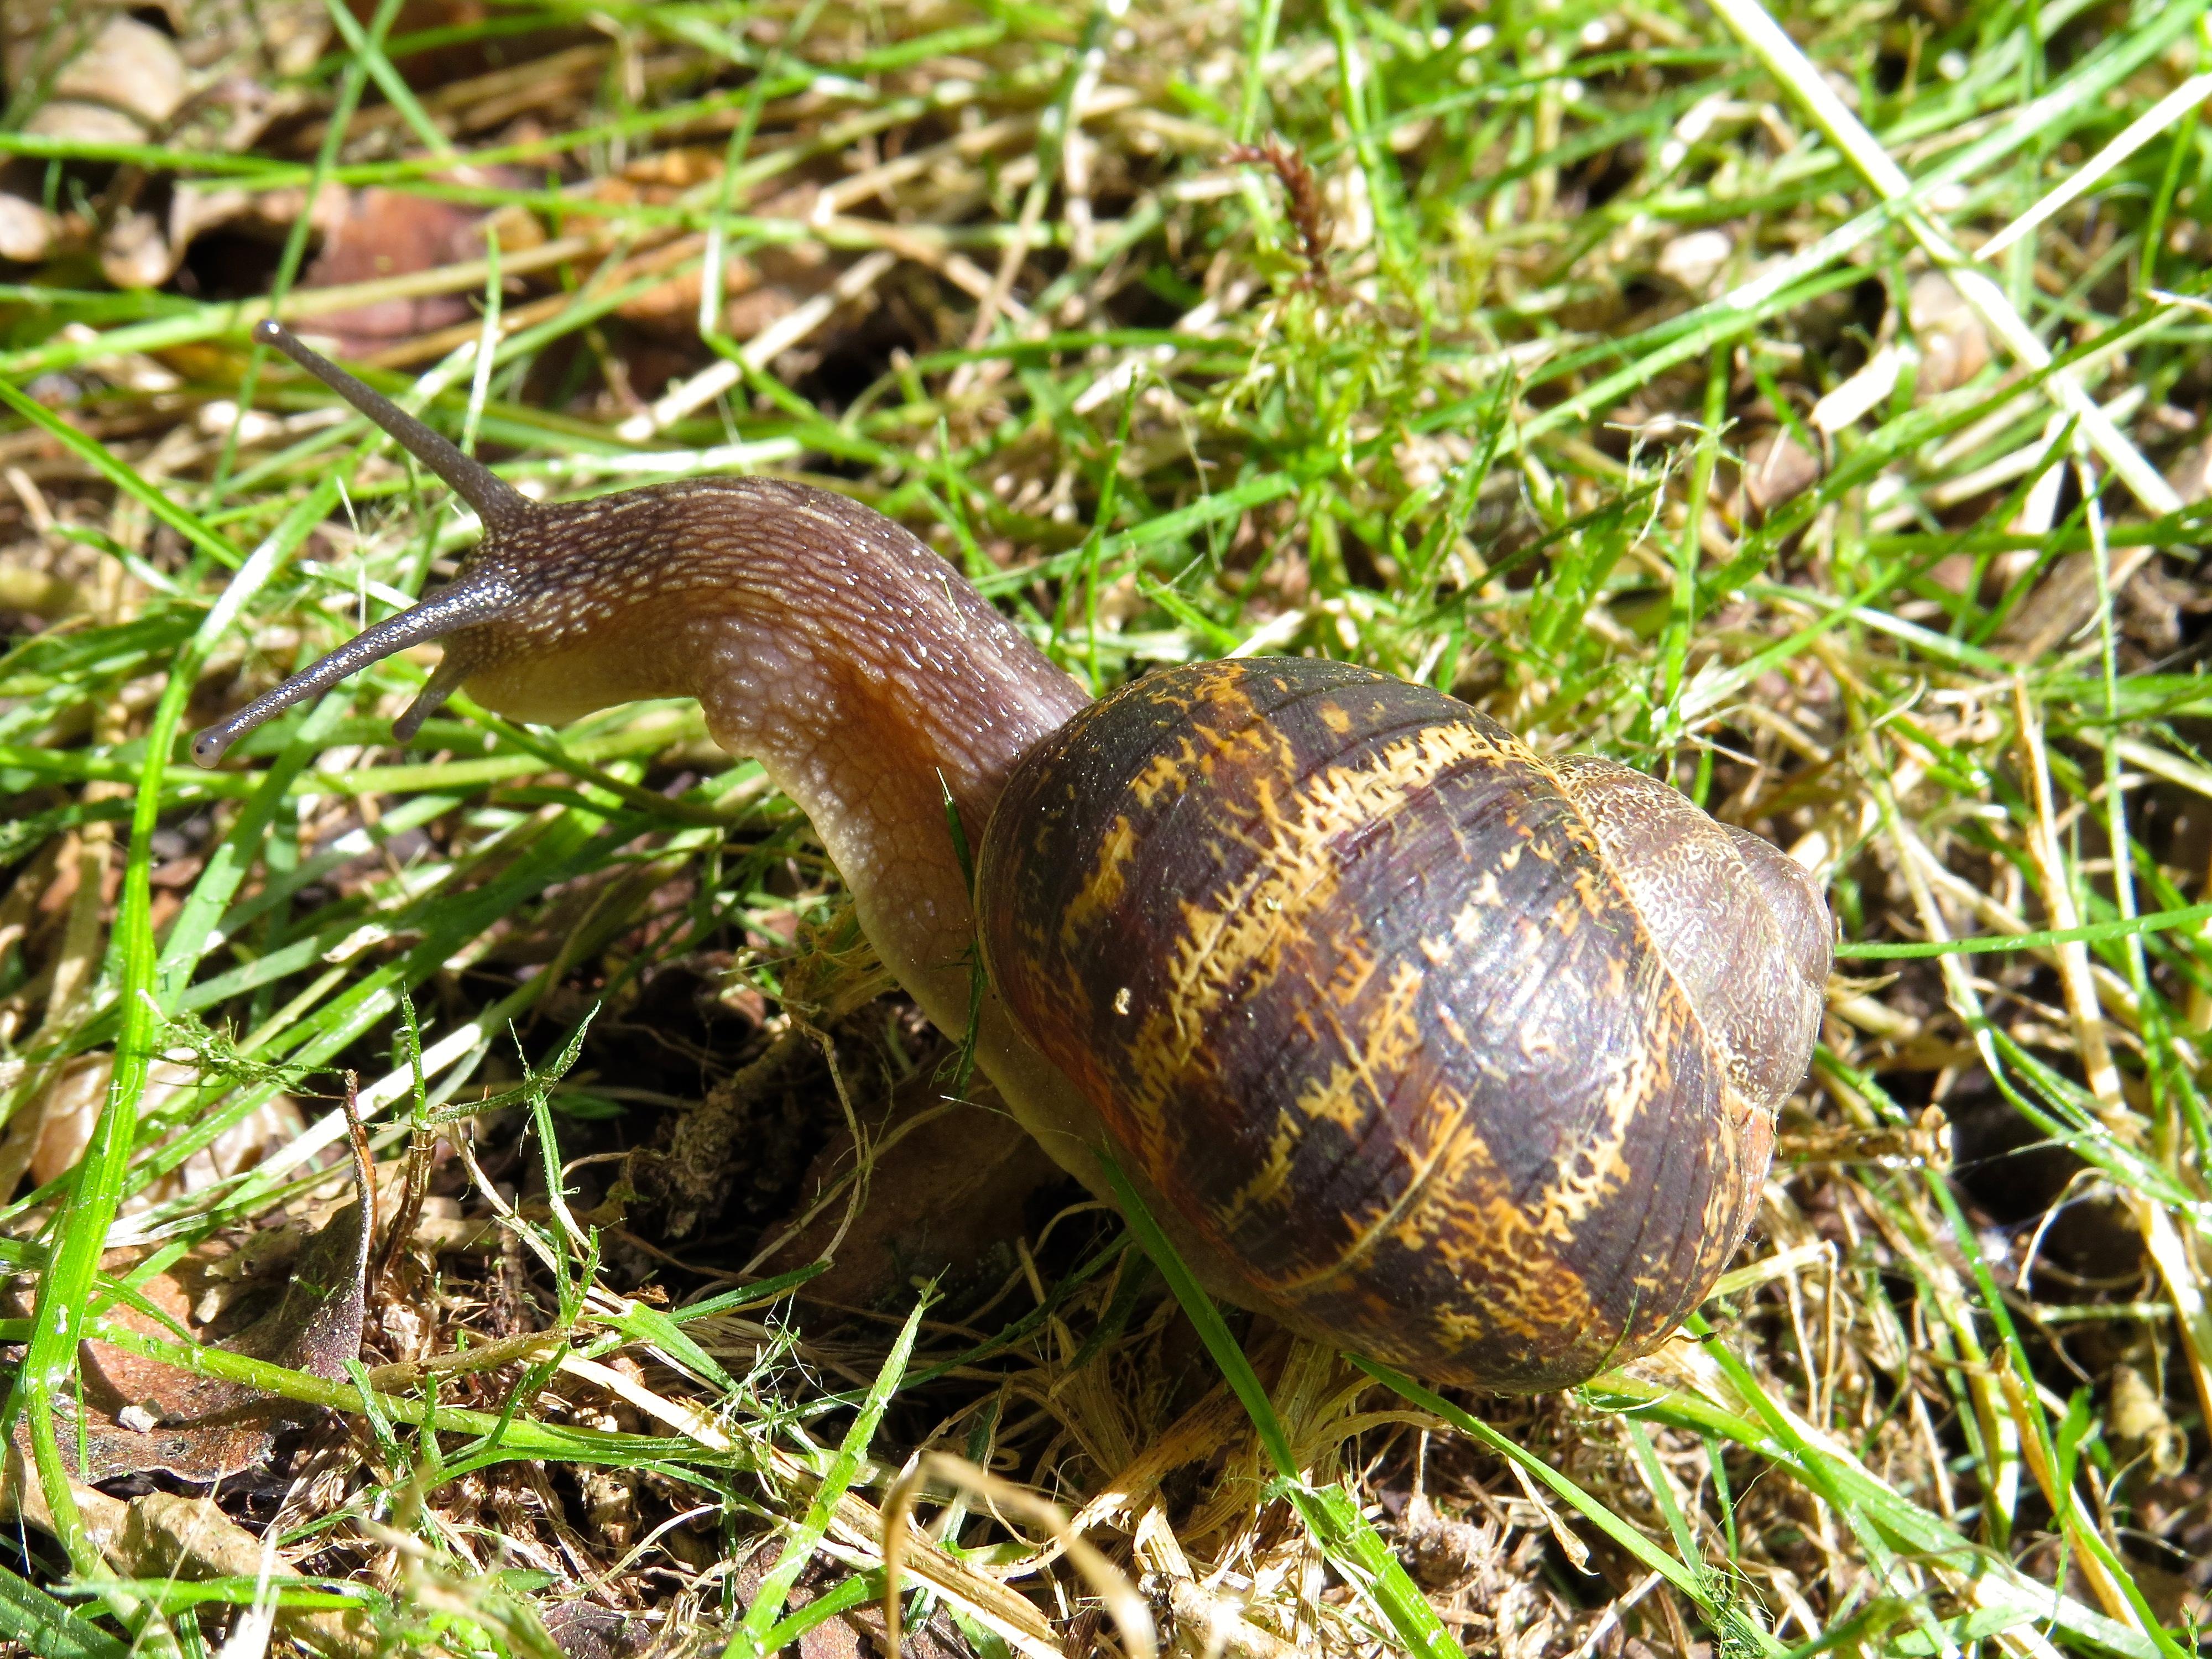 Snails | Dot knows! (elleturner4)